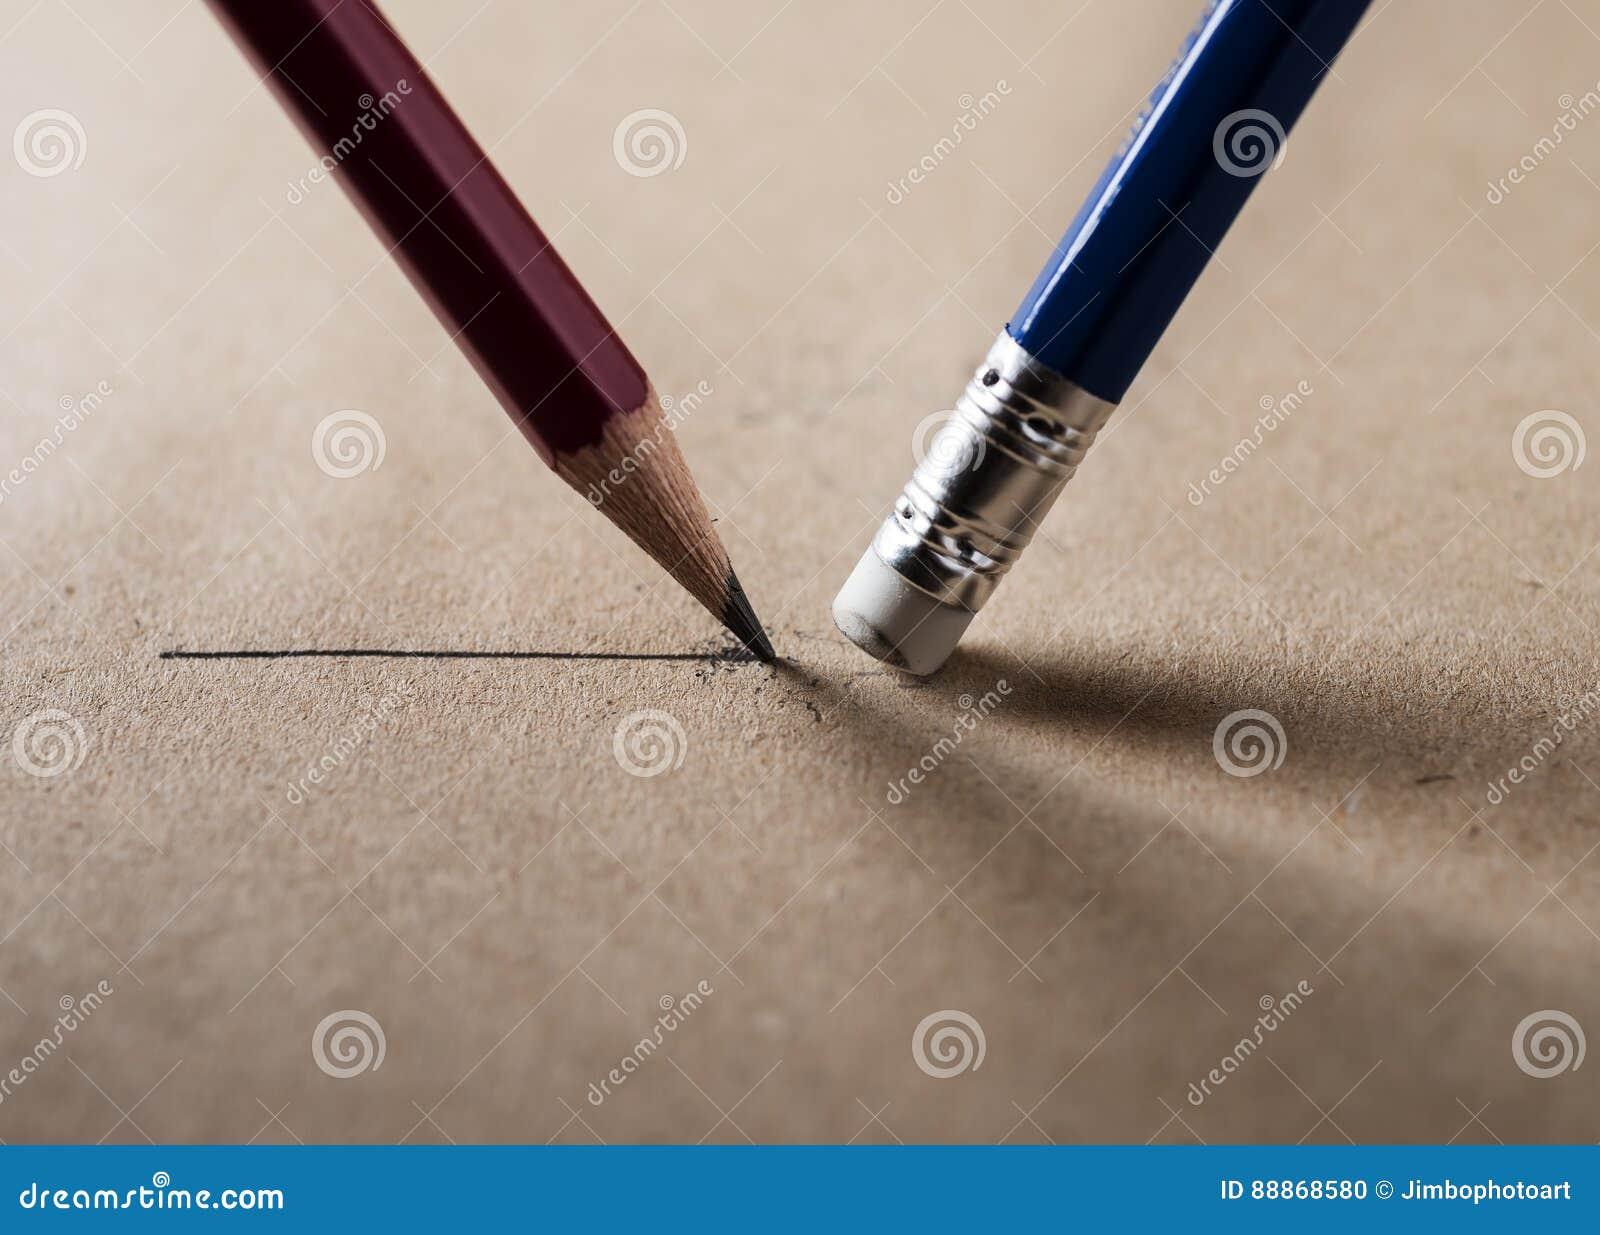 Schrijf en wis concept